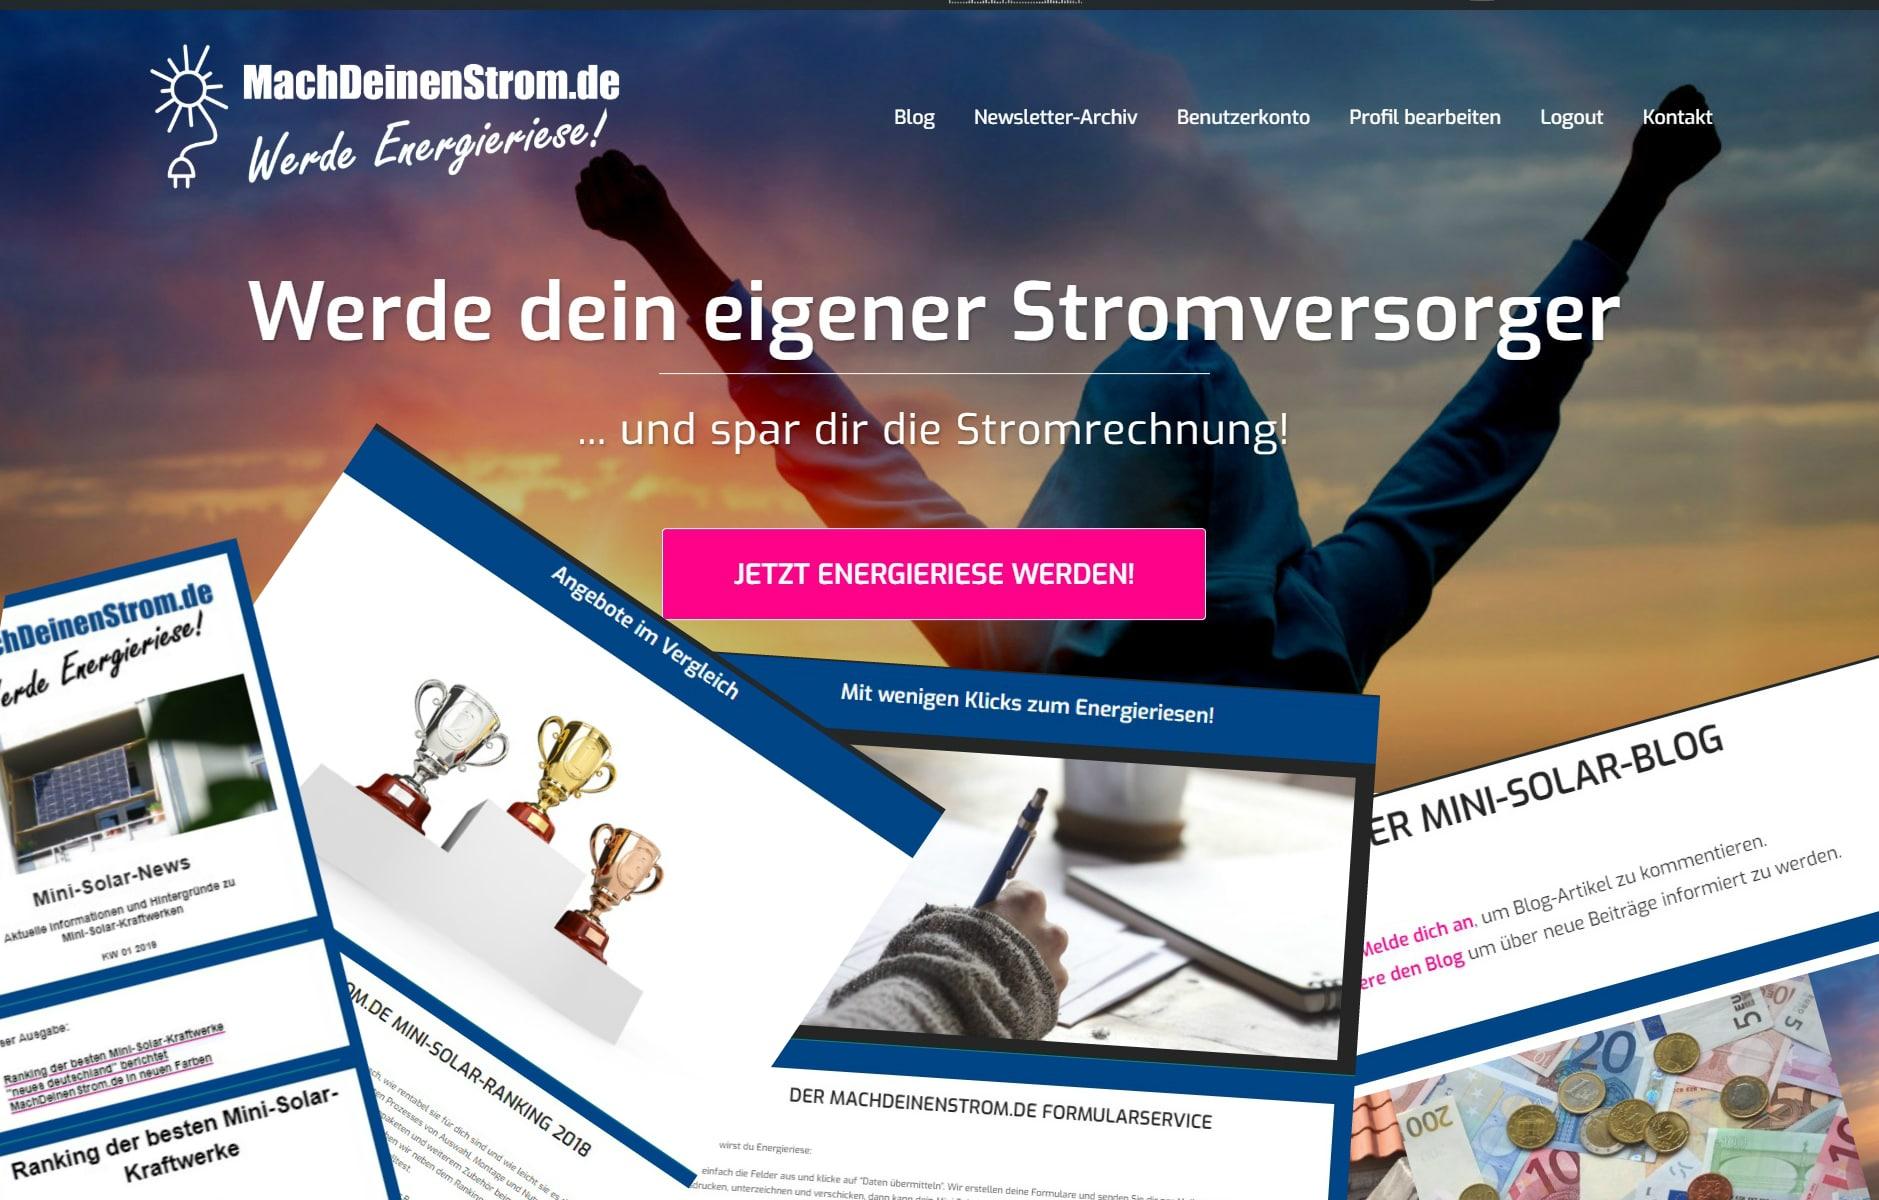 MachDeinenStrom.de